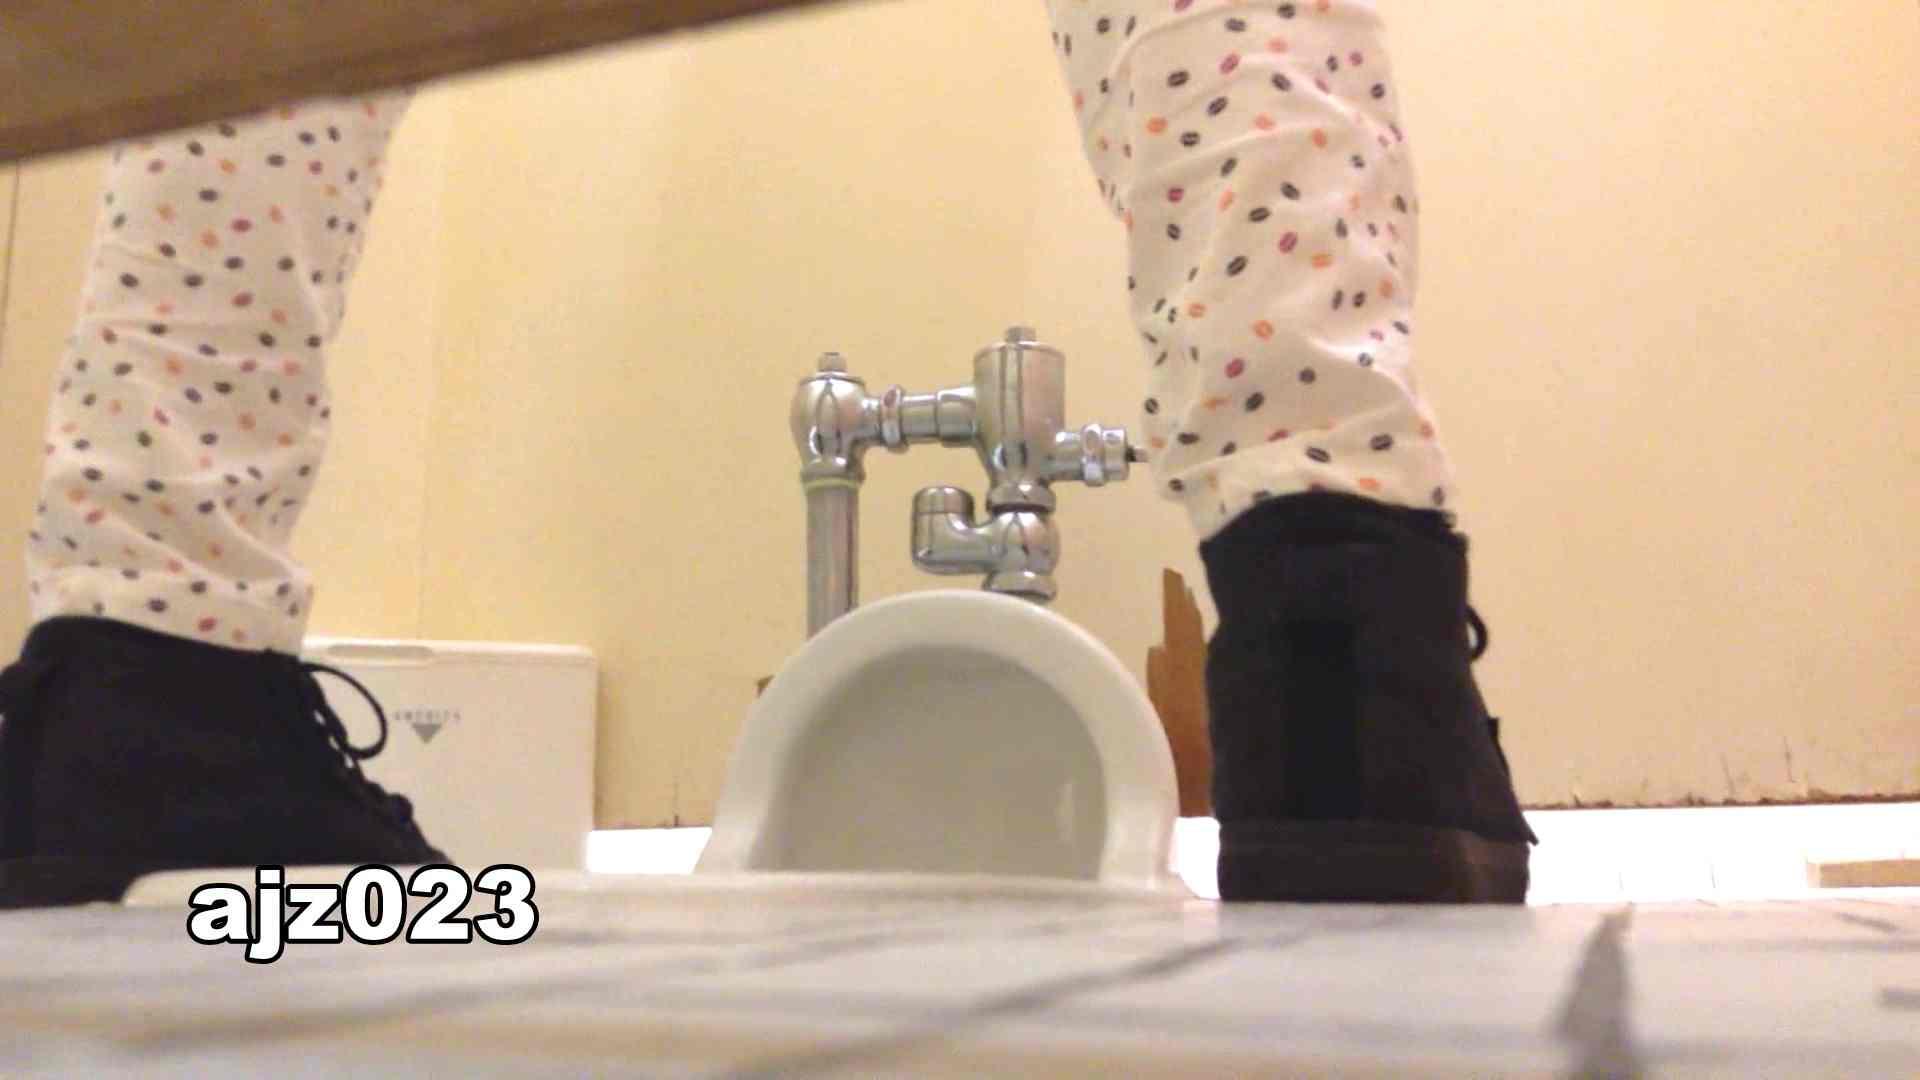 某有名大学女性洗面所 vol.23 排泄 スケベ動画紹介 64PIX 59